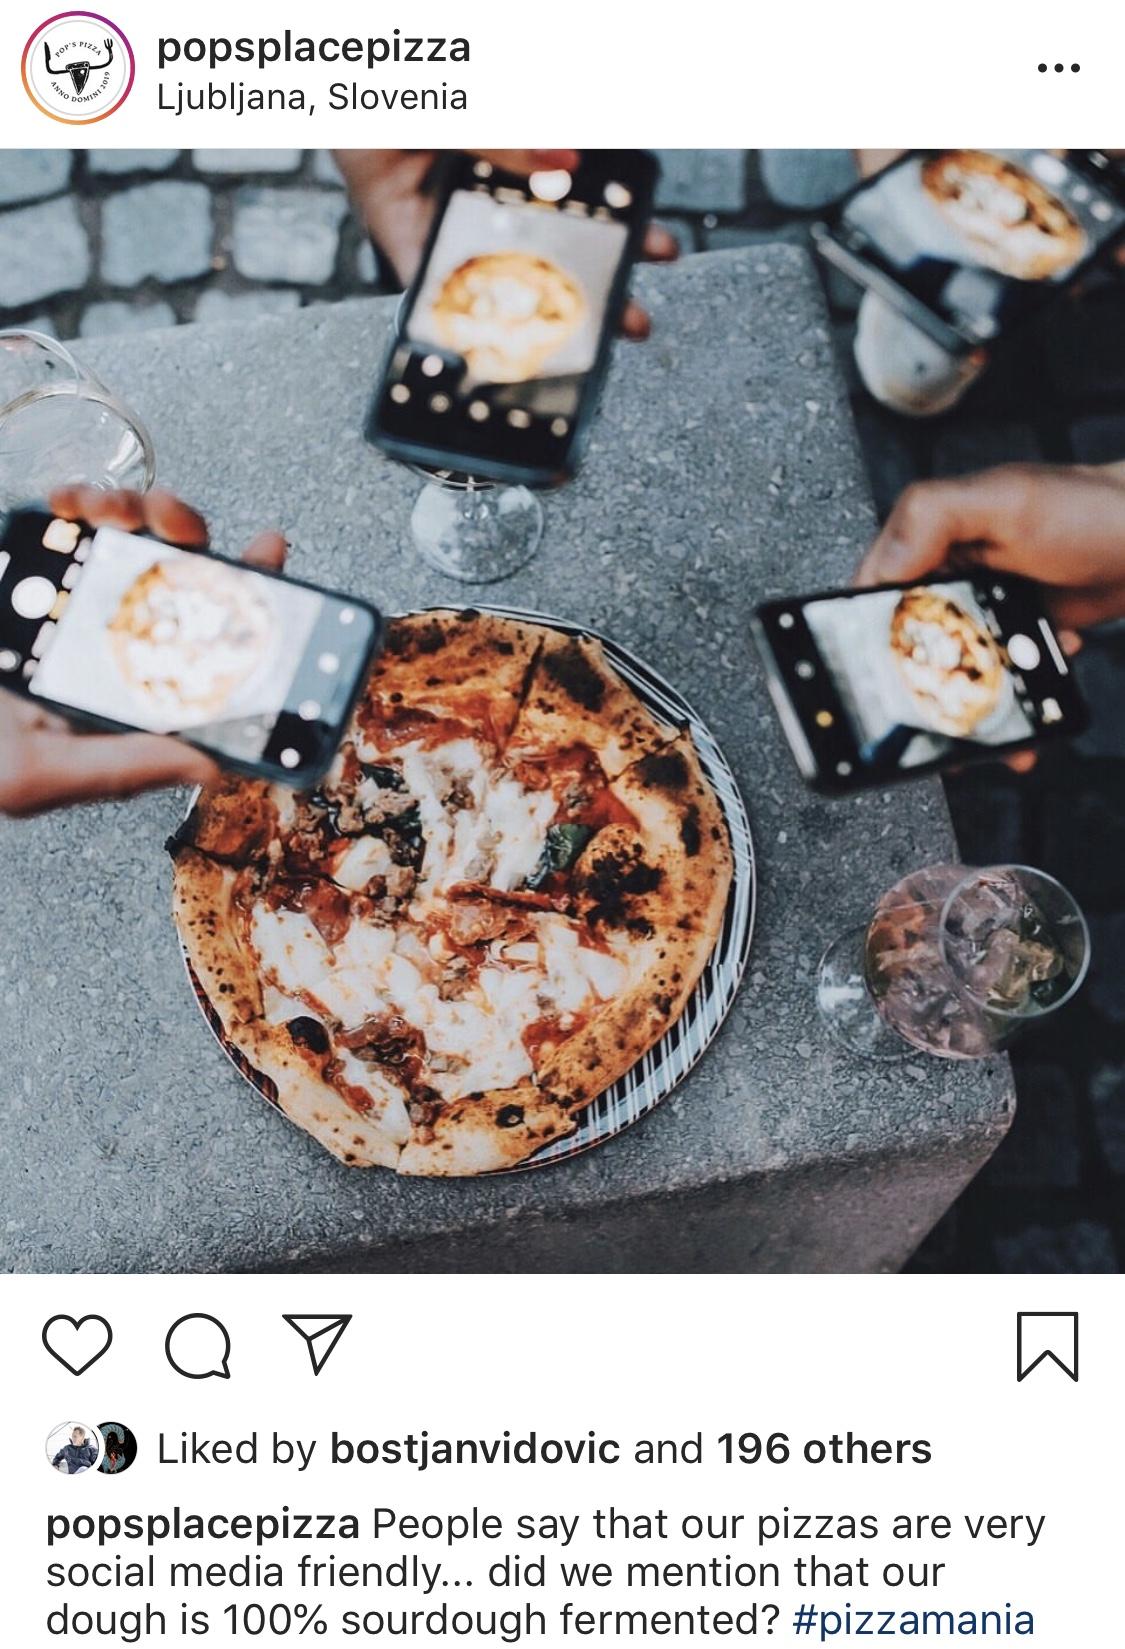 naj-lokali-v-ljubljani-liliinroza-pops-pizza-13.jpg